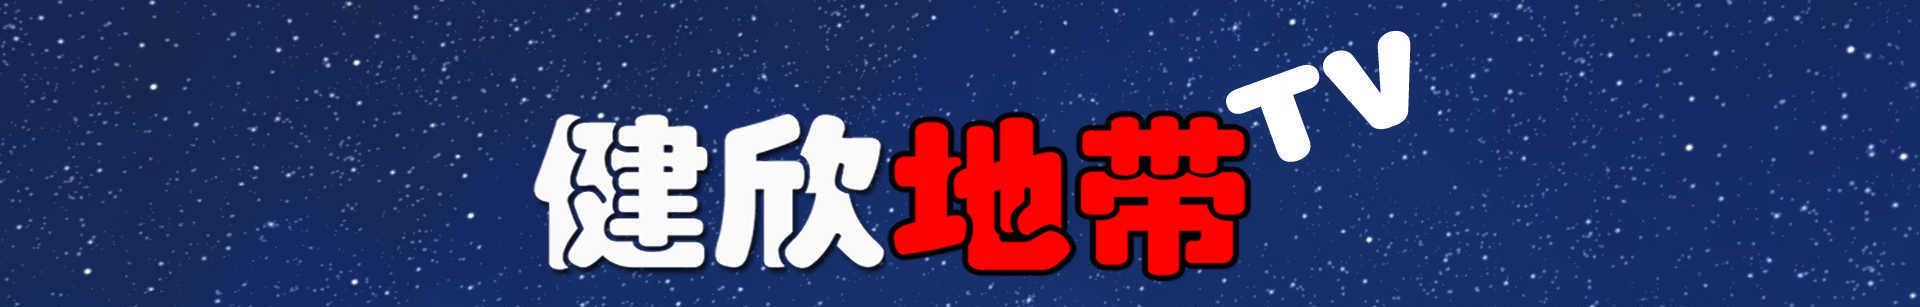 天津健欣地带 banner